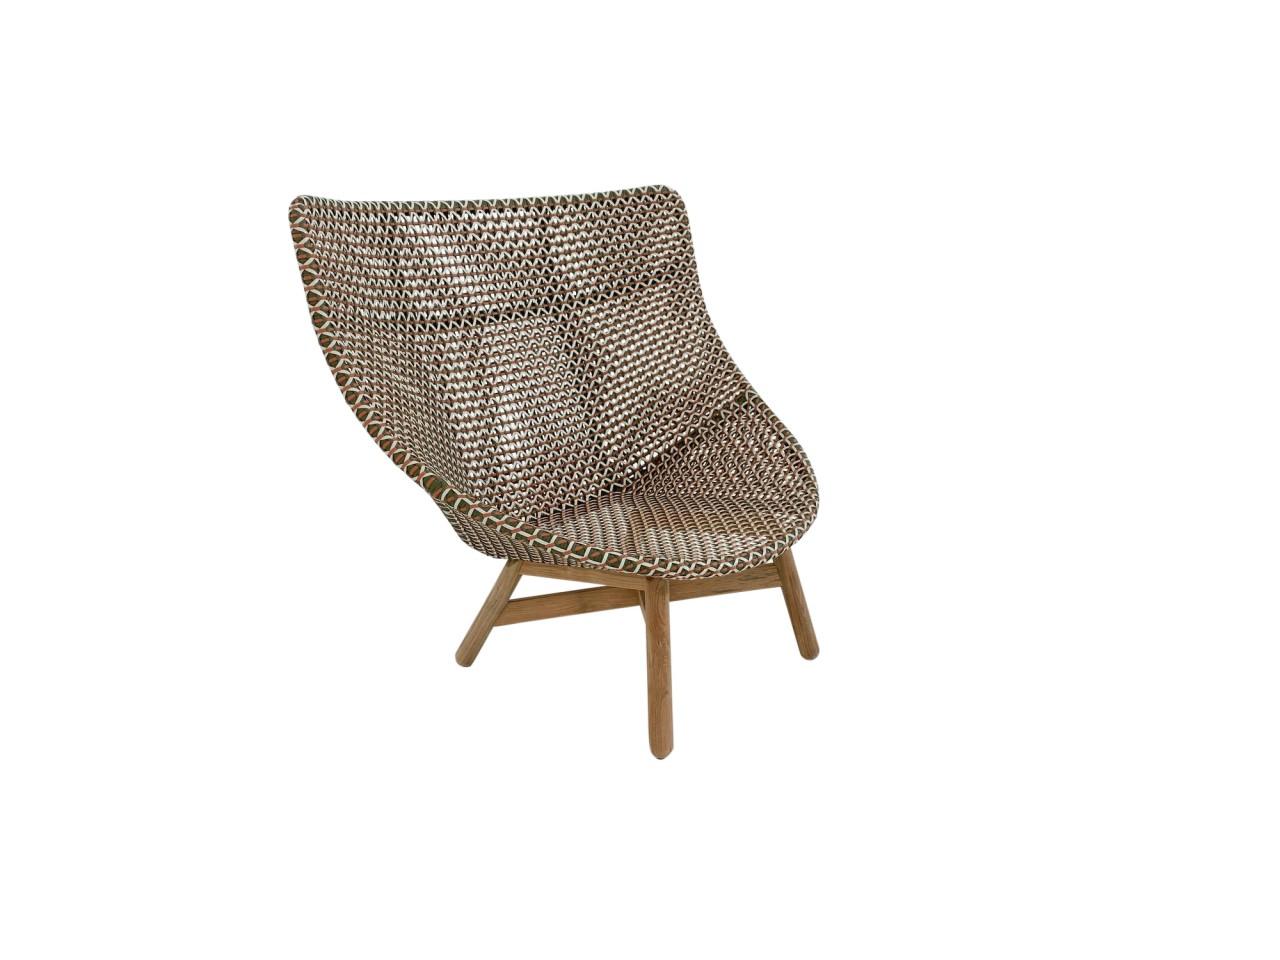 DEDON MBRACE WING CHAIR Hochlehner Sessel in der Farbe chestnut - neu für 2020